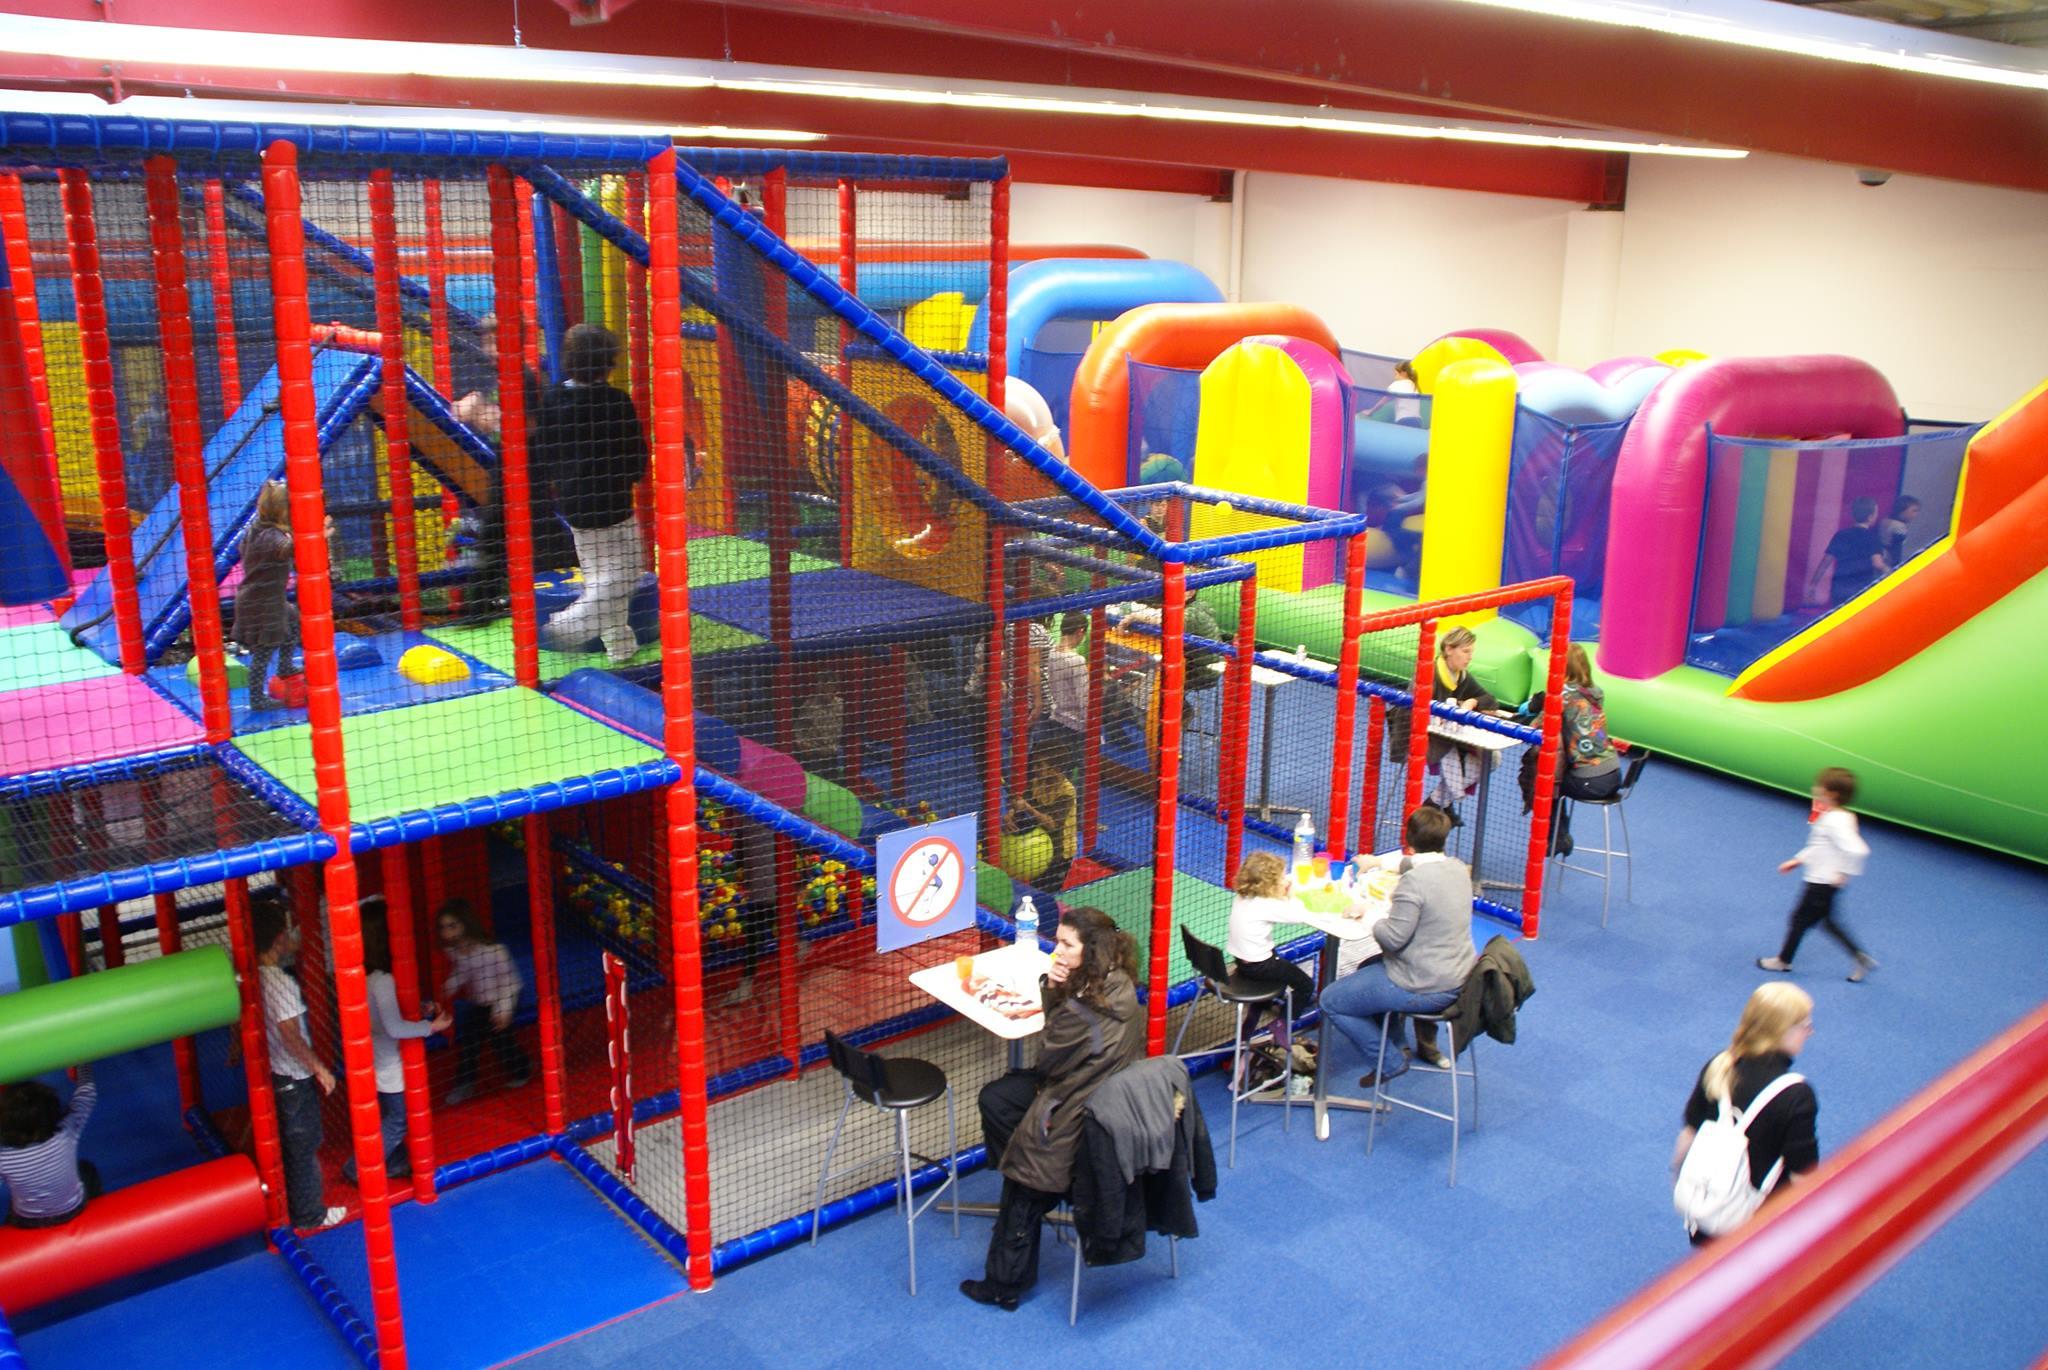 Ile Aux Jeux Parc De Loisirs Couvert Pour Enfants A Cholet Ouvert Toute L Annee